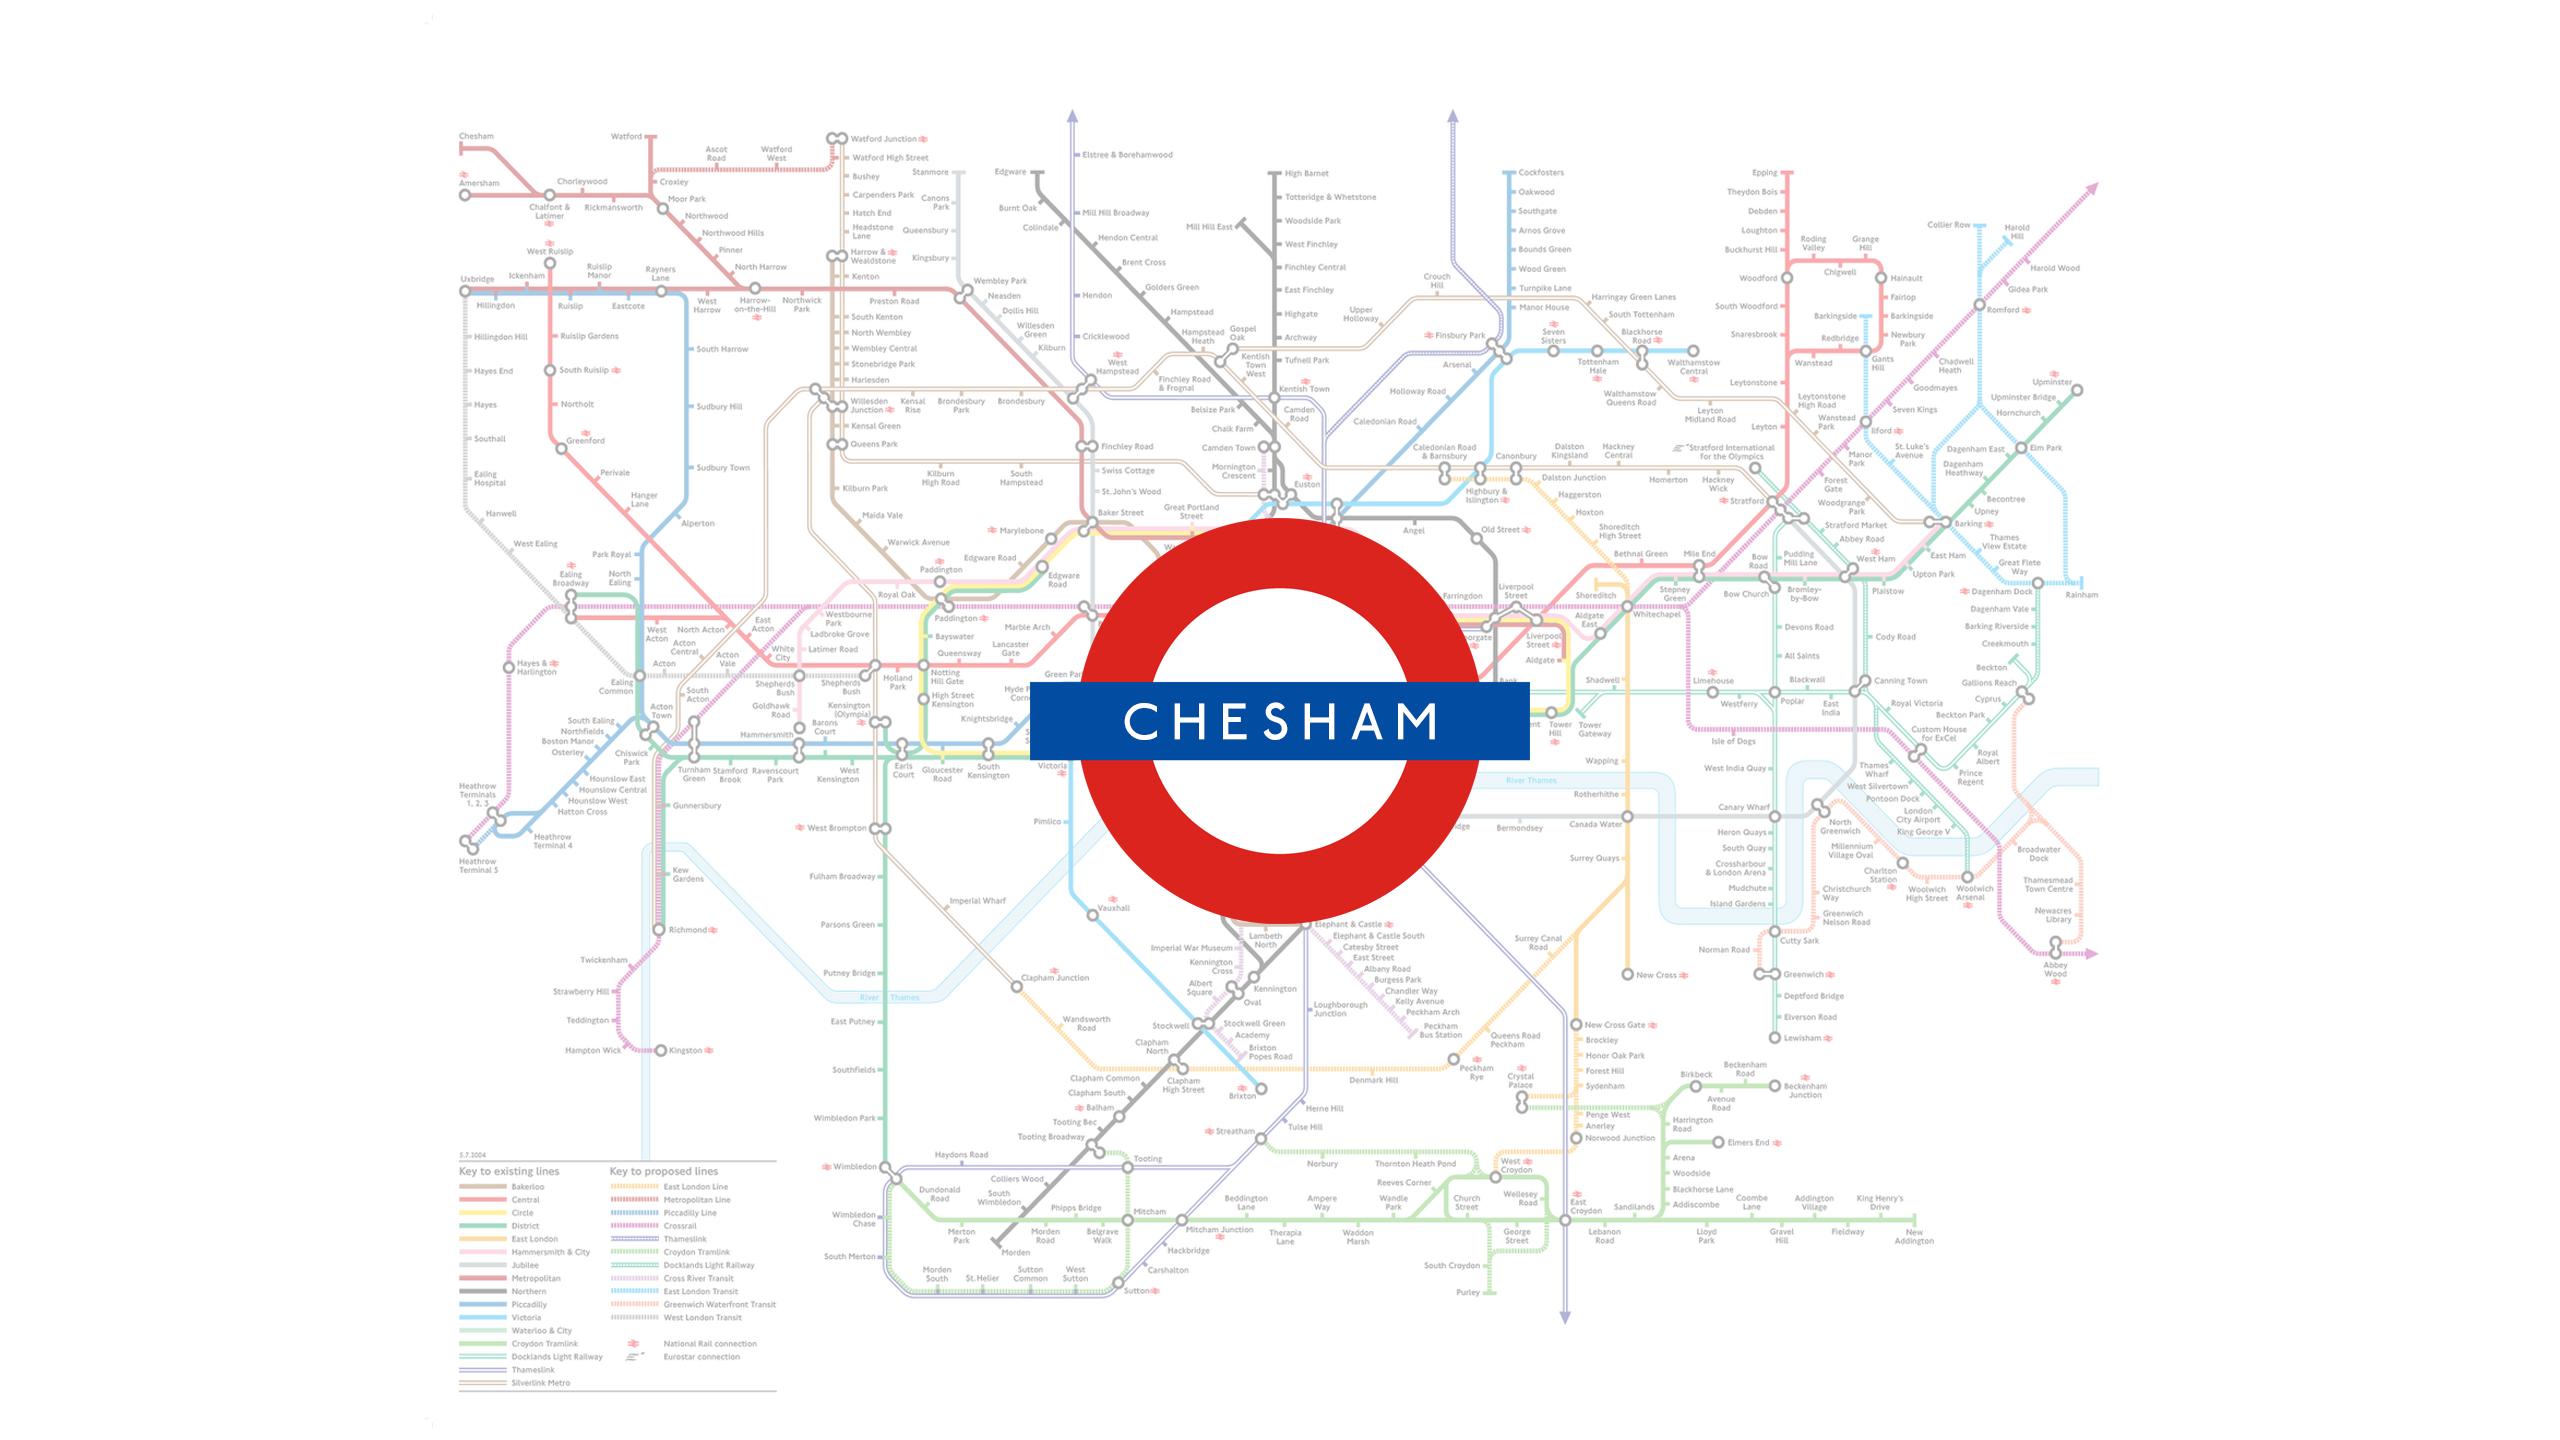 Chesham (Map)